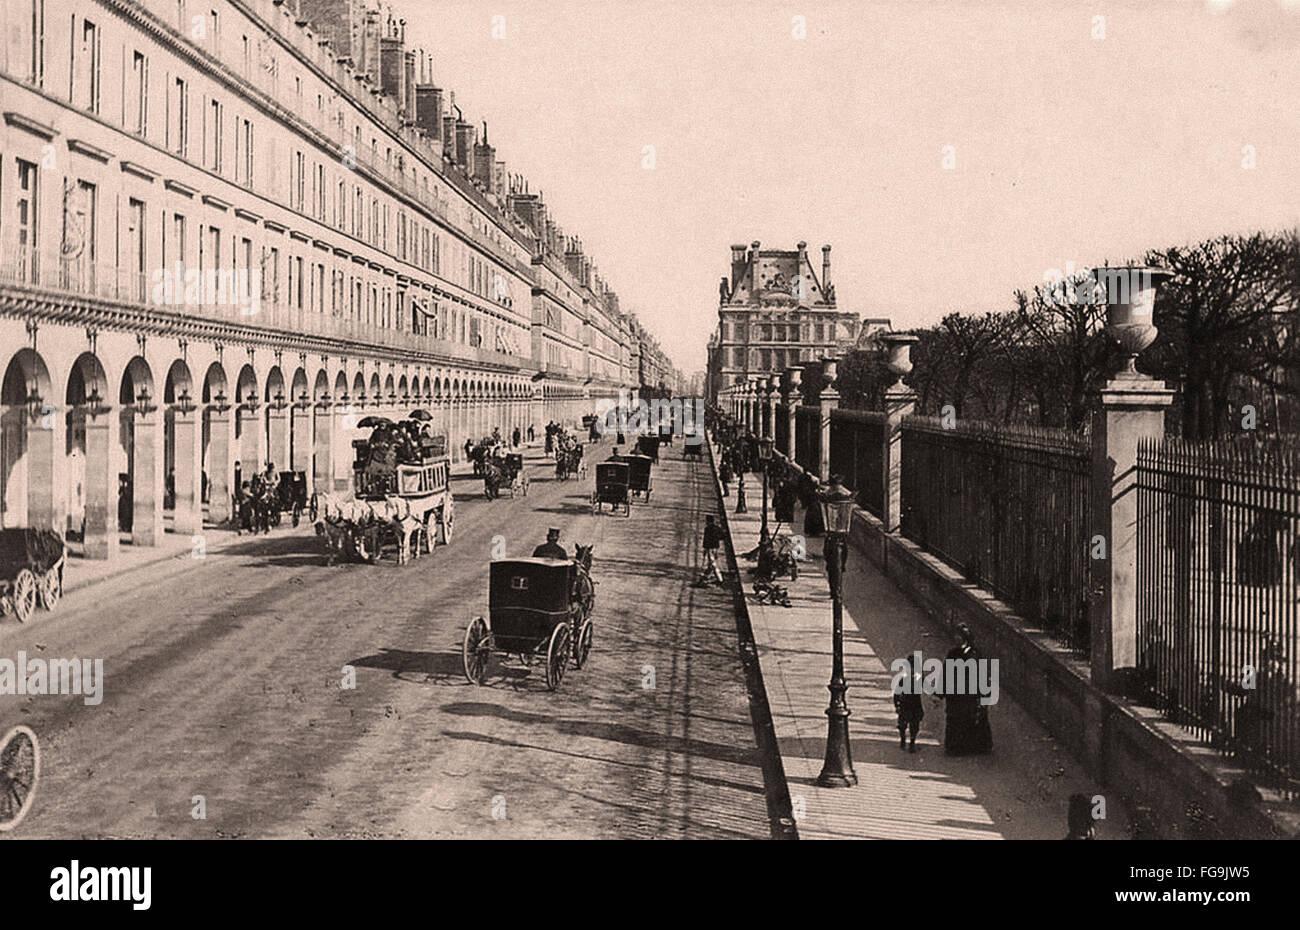 Rue de Rivoli Paris - 1880